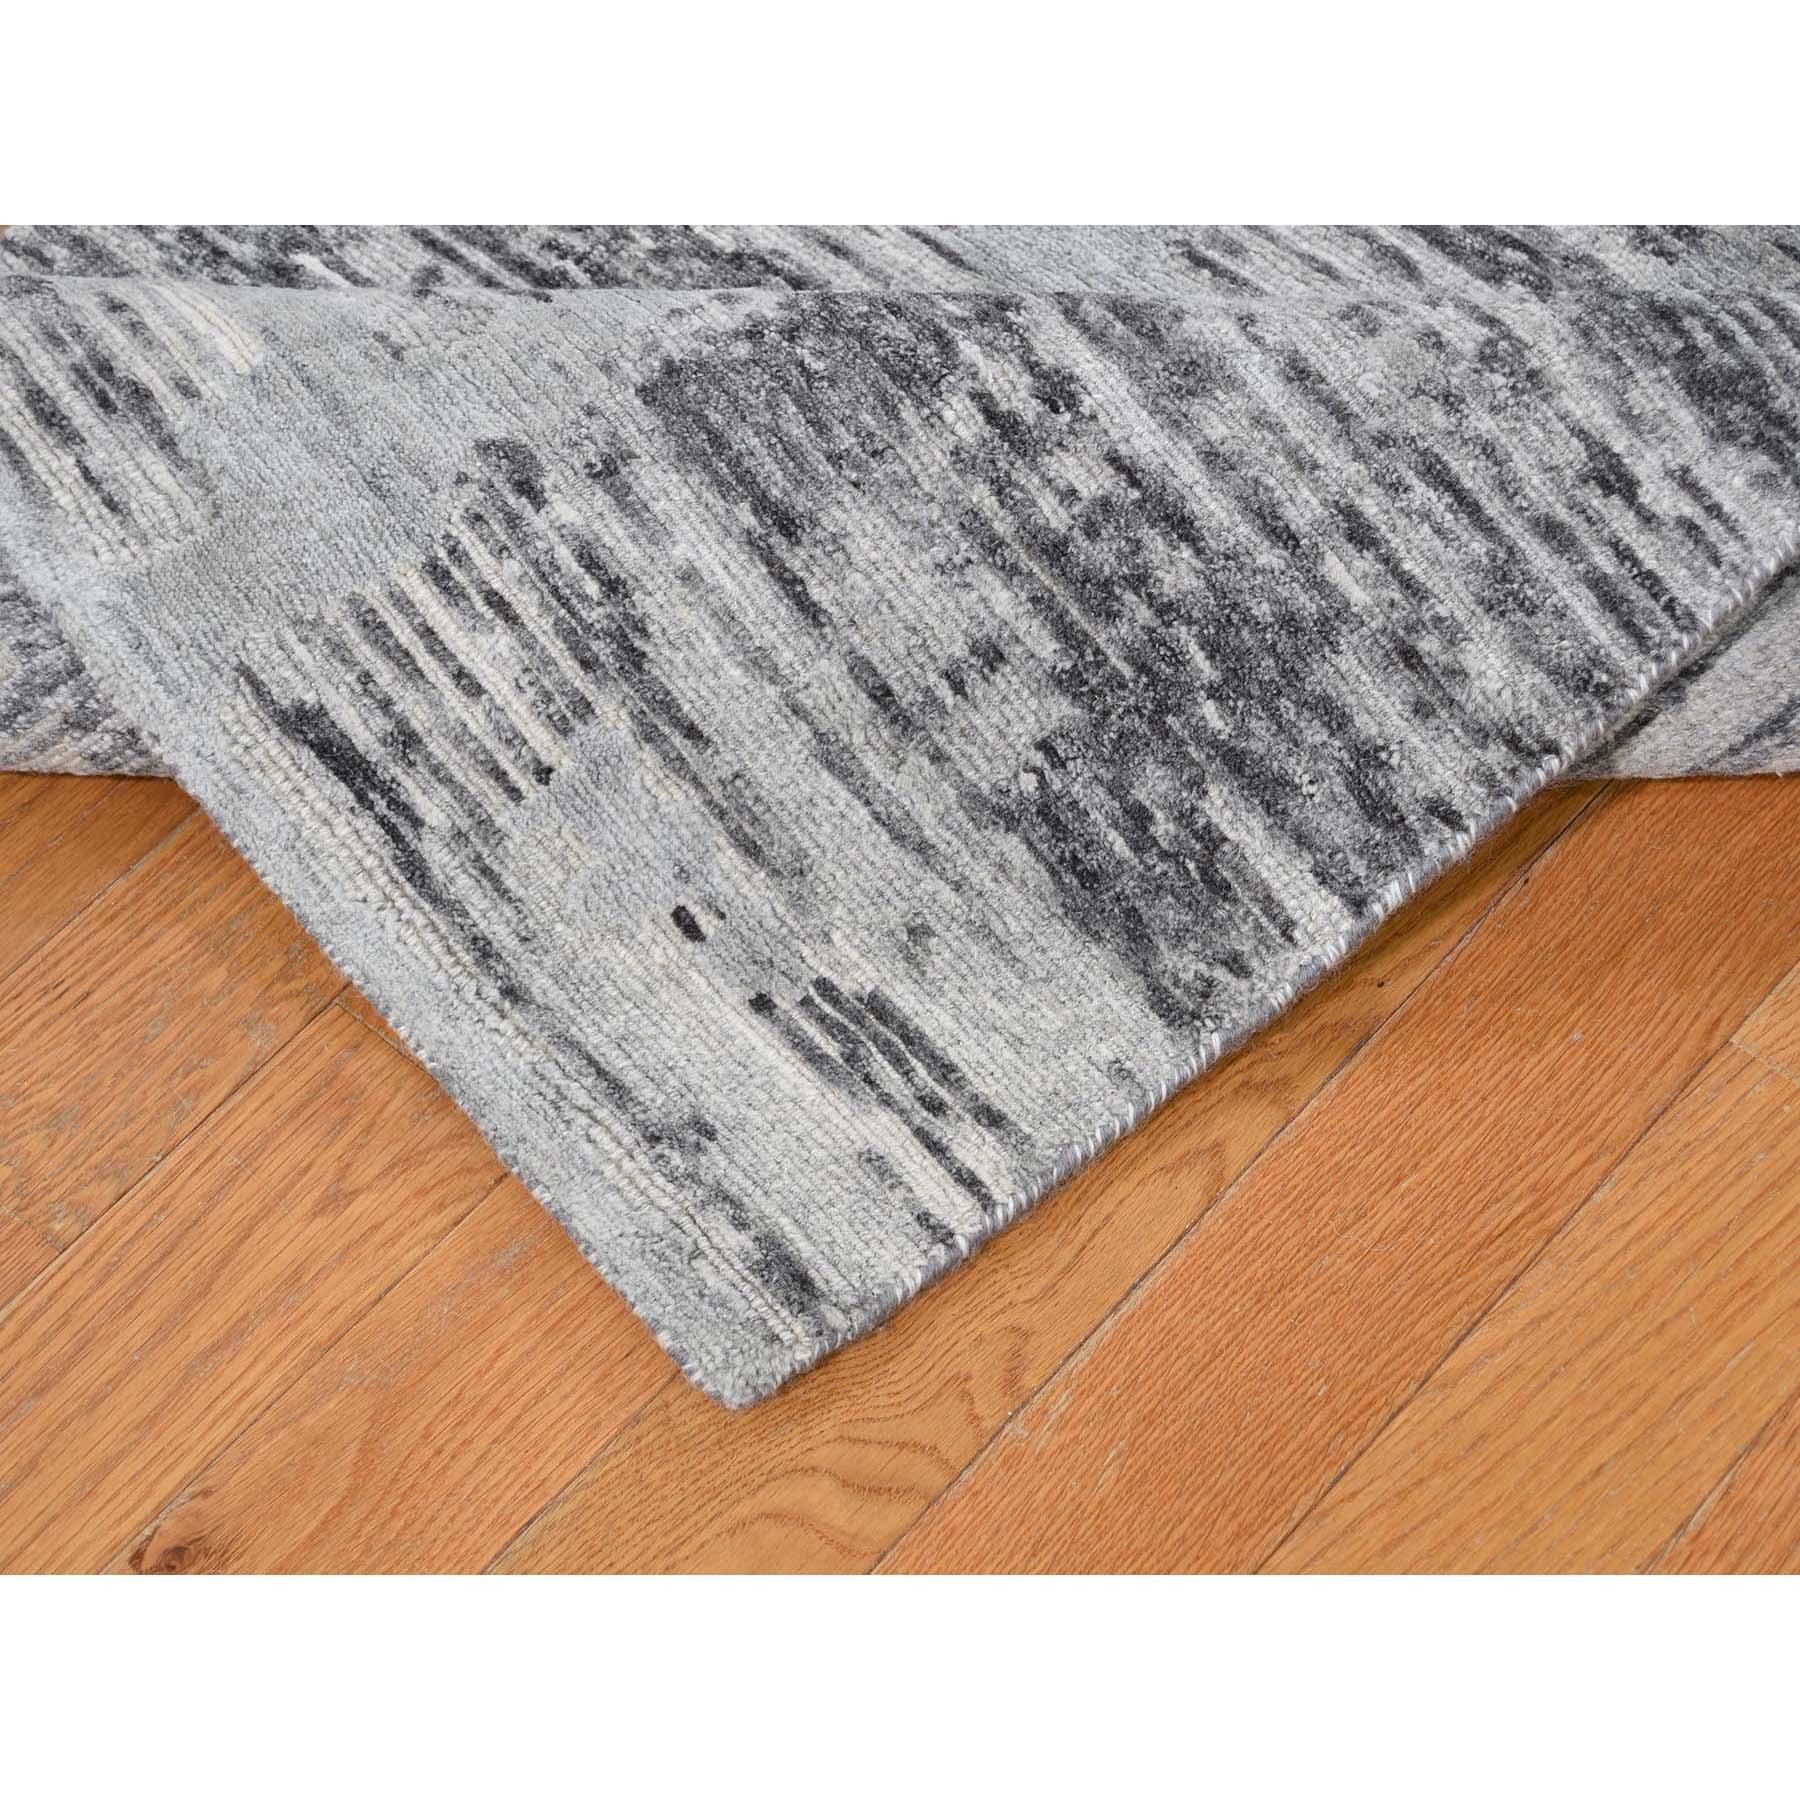 """2'7""""x12'2""""  Hand Spun Gray Undyed Natural Wool Modern Runner Oriental Hand-Knotted Rug"""